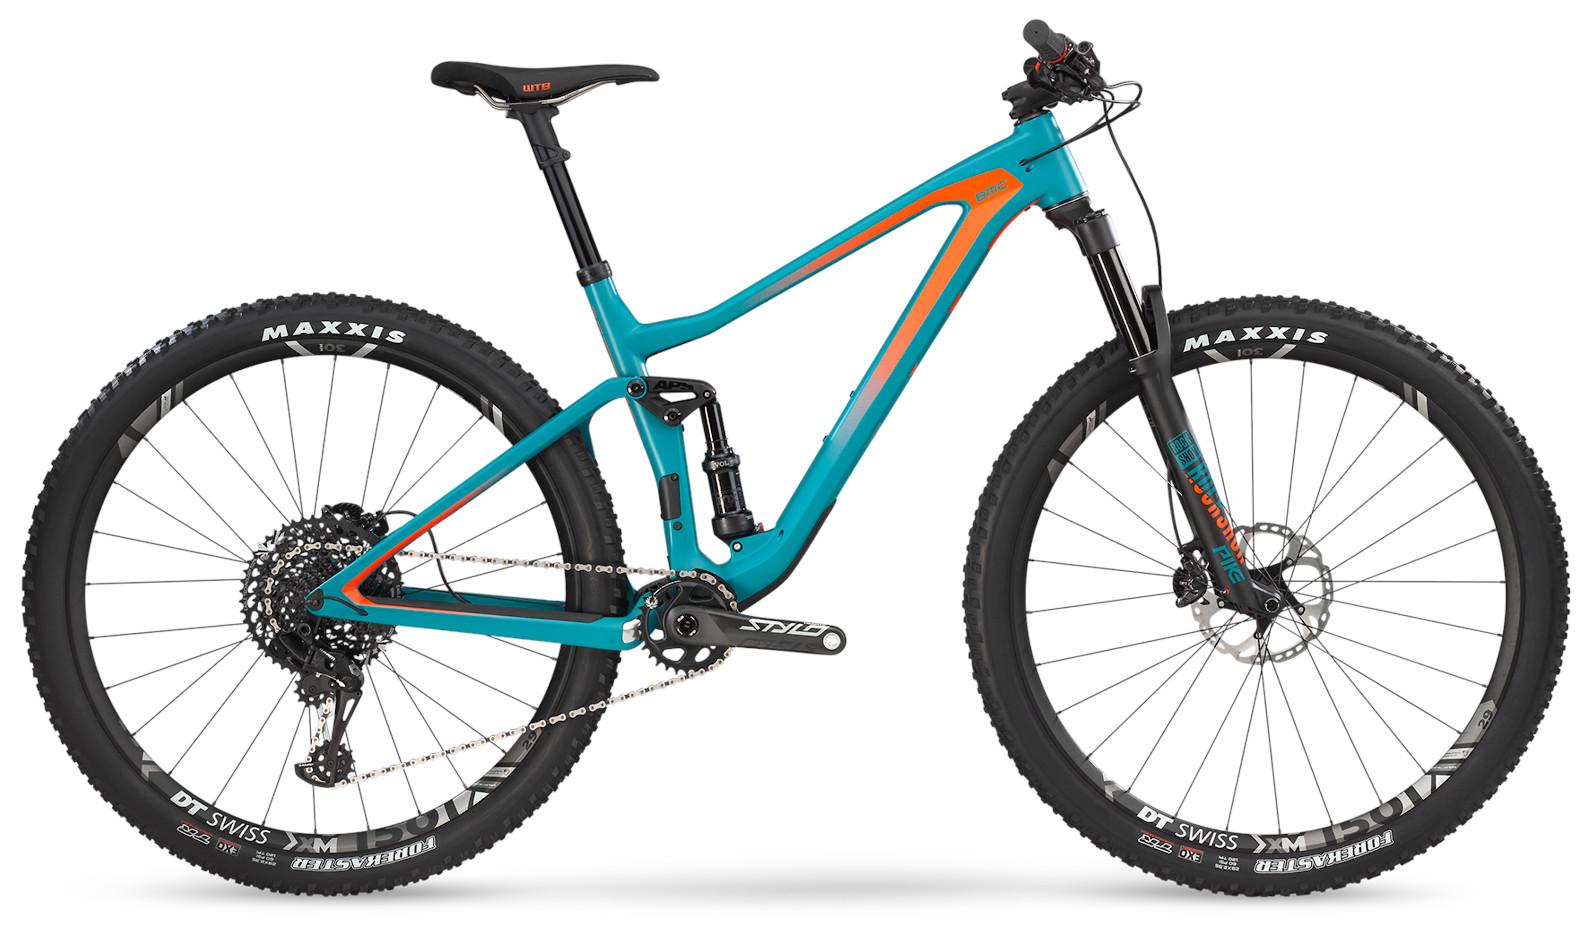 2020 BMC Speedfox 01 One